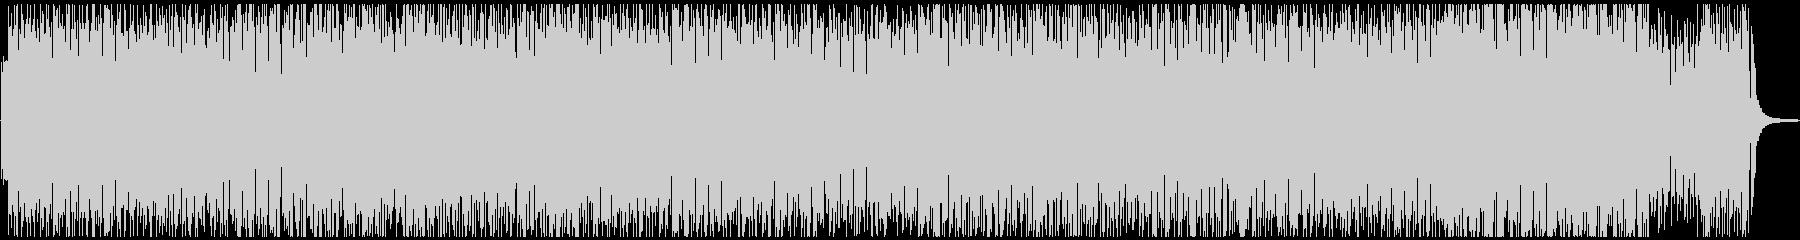 ピアノのハイテンポなジャズの未再生の波形